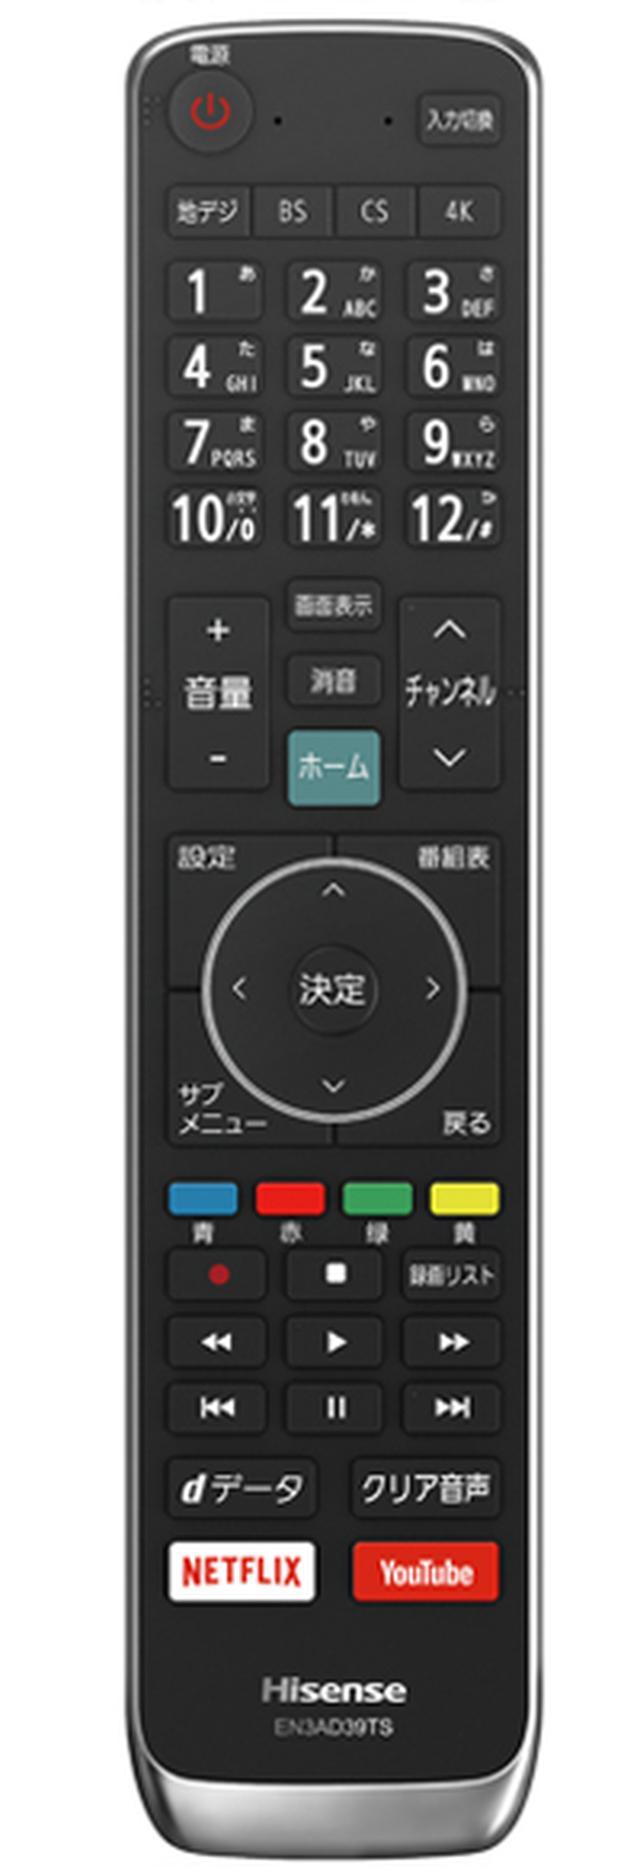 画像21: 【4Kテレビのおすすめ】2K/4K変換処理の性能がアップ!評価の高い15機種を徹底比較